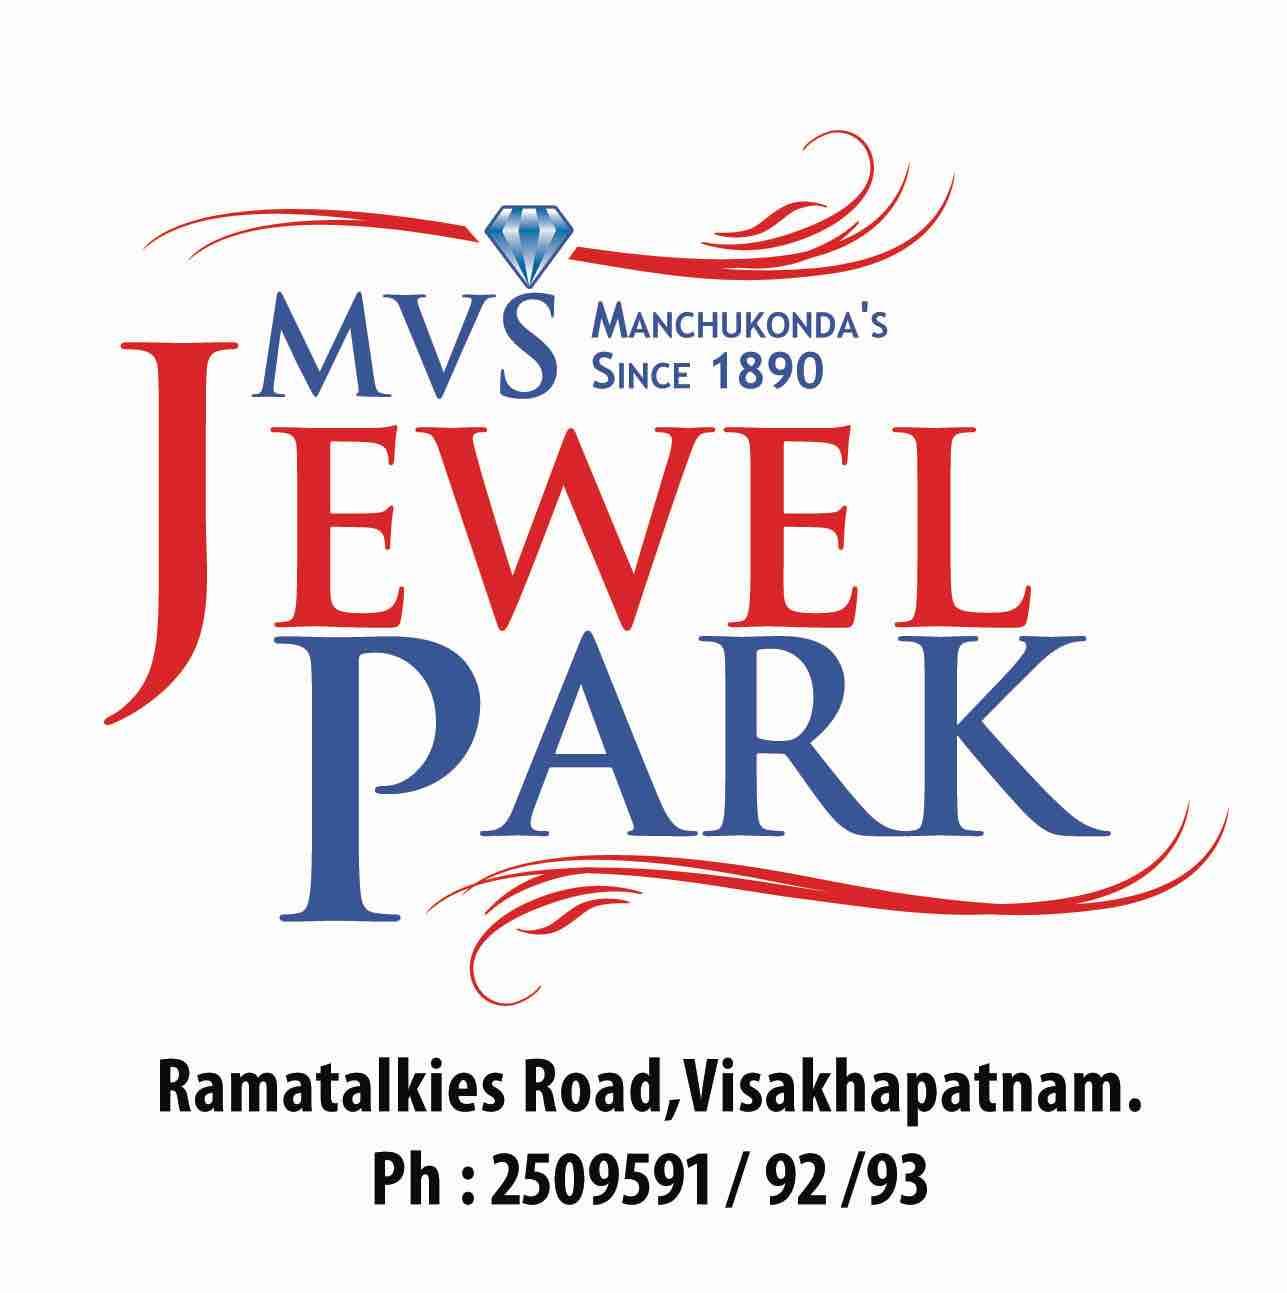 image of Mvs Jewel Park